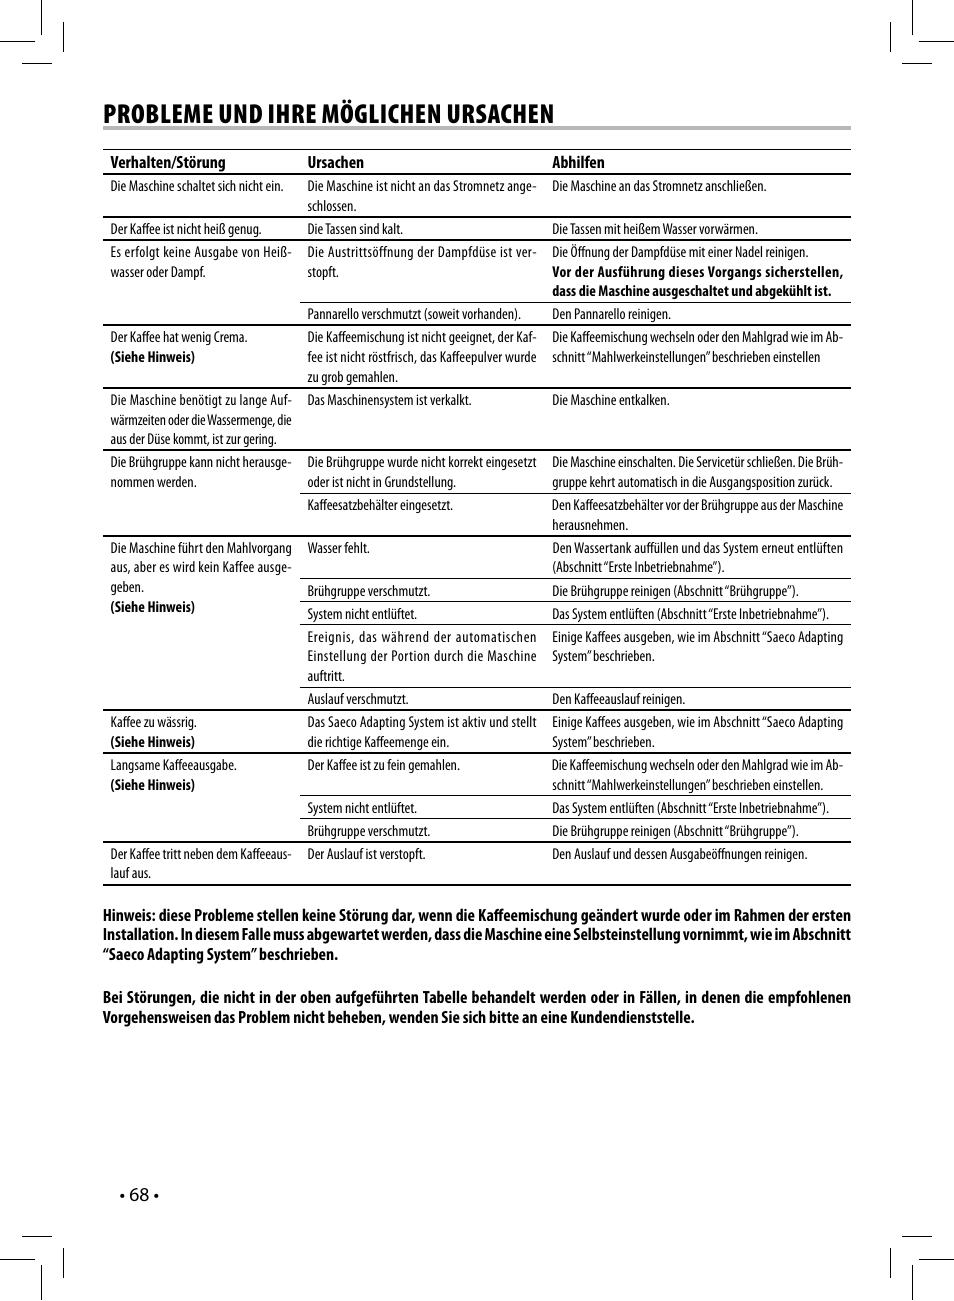 Bekannt Probleme und ihre möglichen ursachen | Philips Saeco Syntia WB82